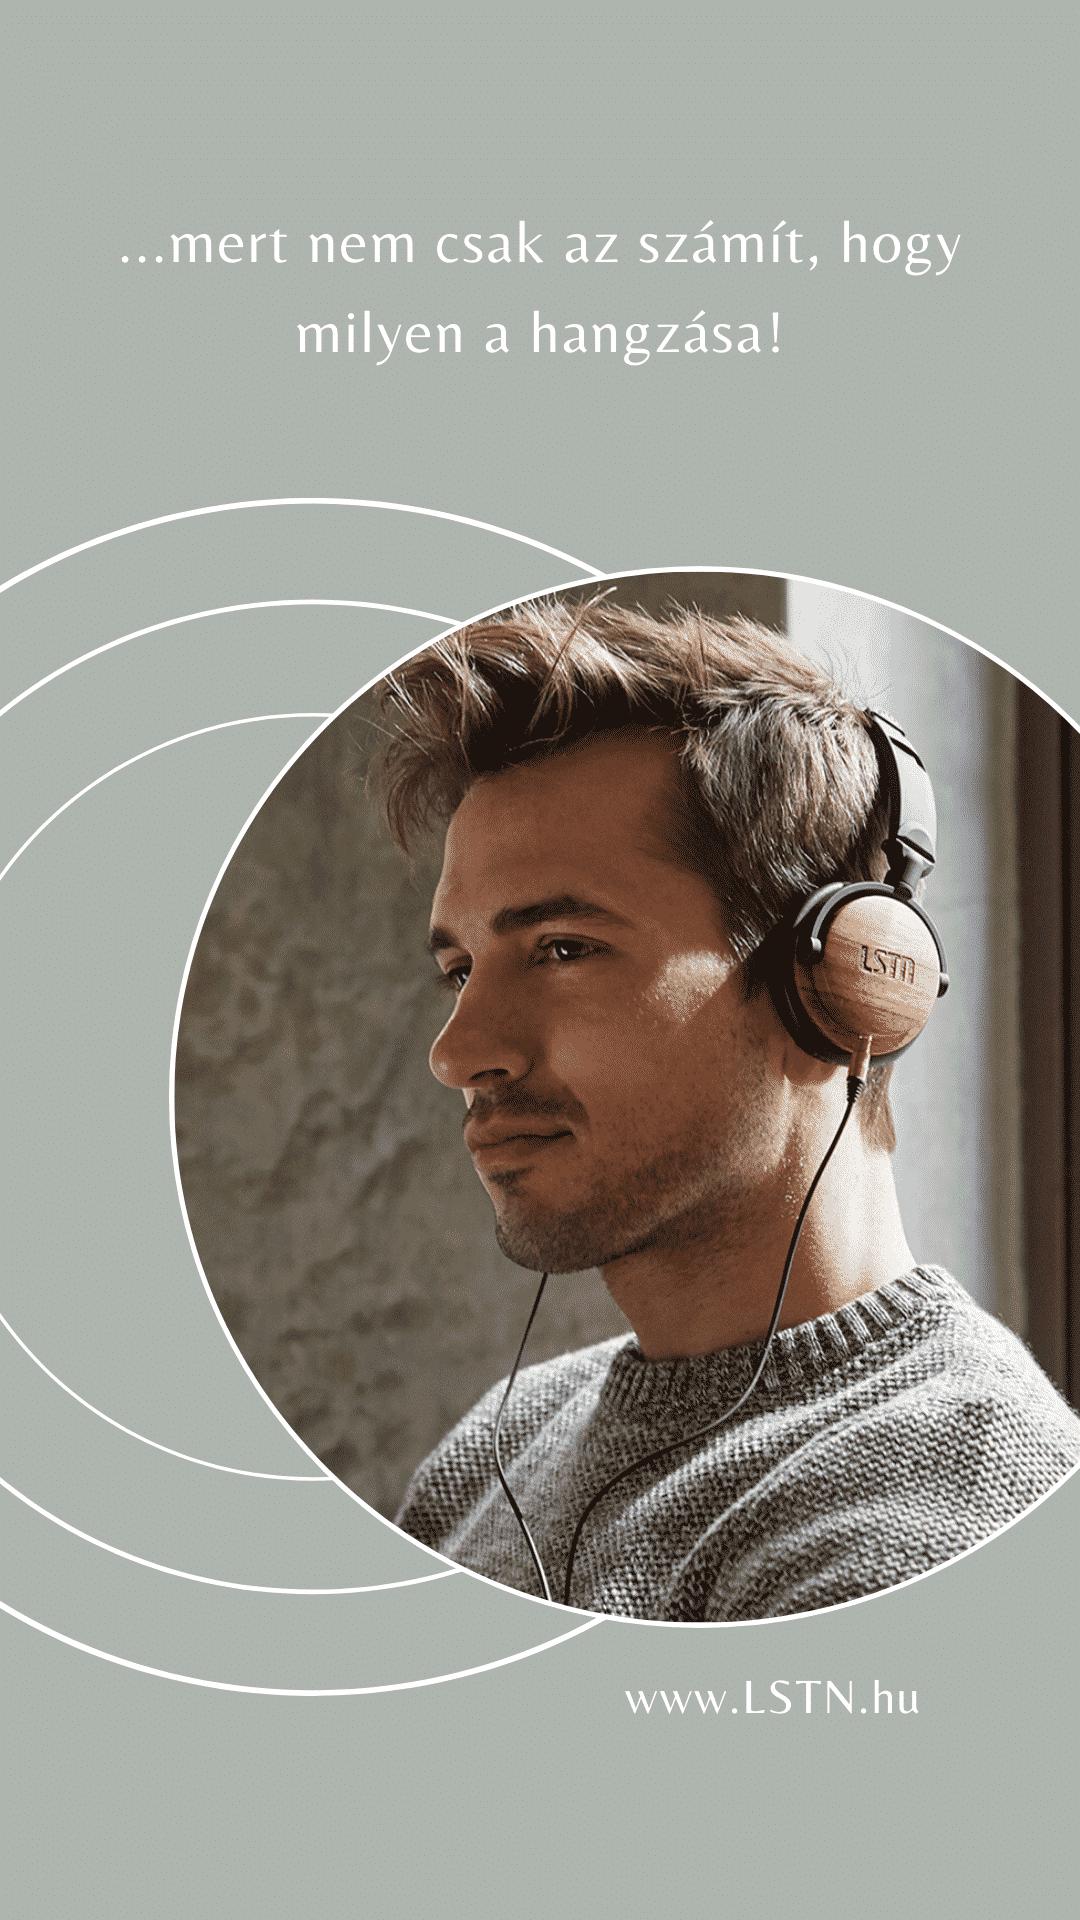 Vezetékes FÜLhallgatók - PROHARDVER! Összefoglaló